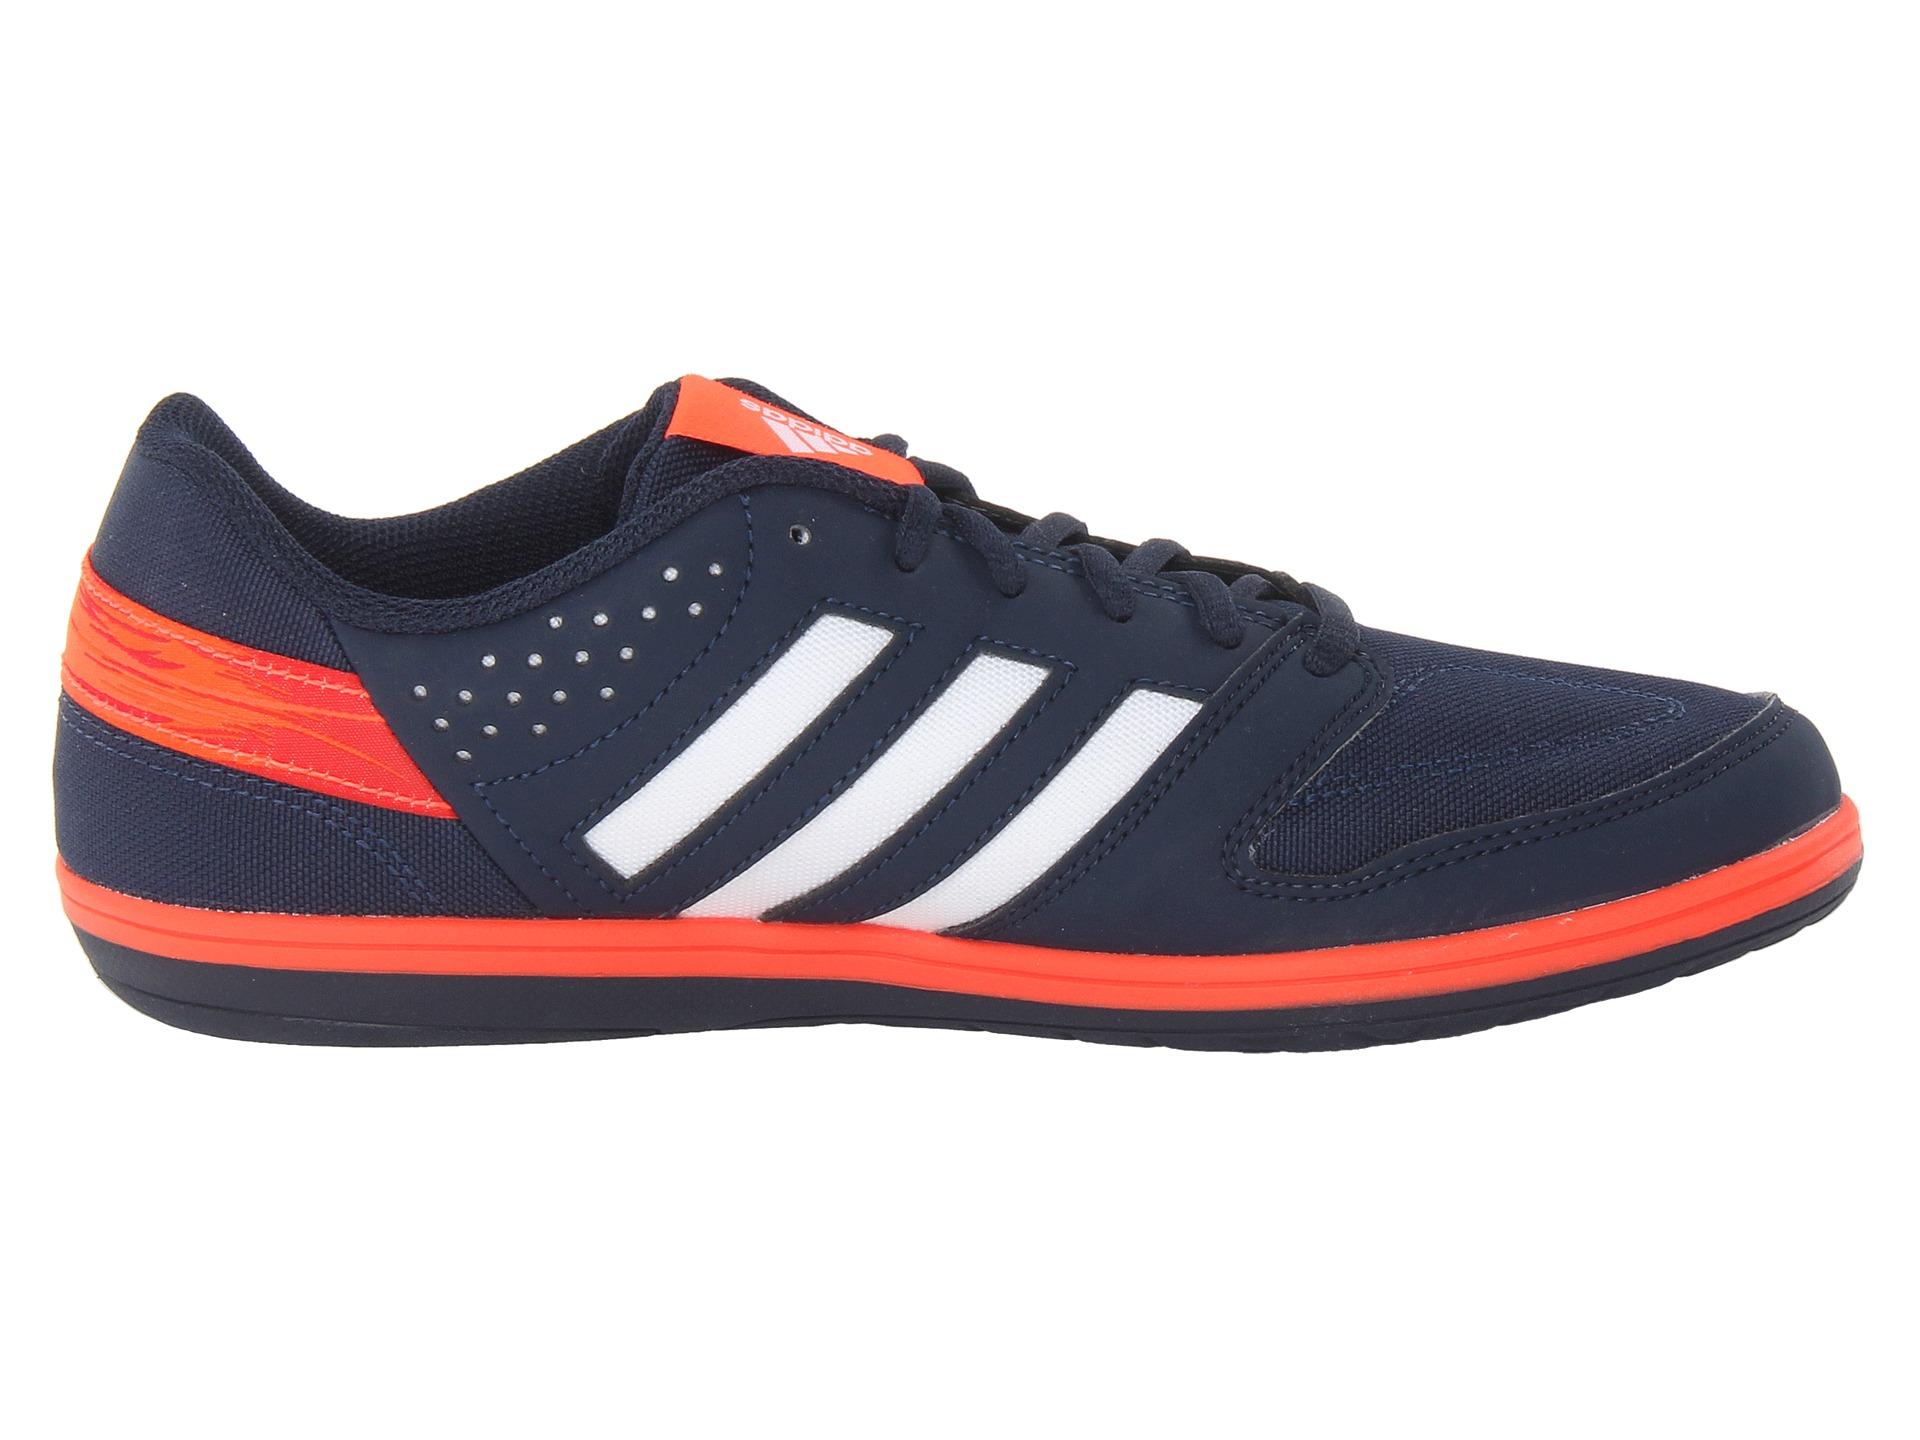 mayor descuento muy bonito descuento especial de adidas freefootball janeirinha sala indoor soccer shoes off 56 ...